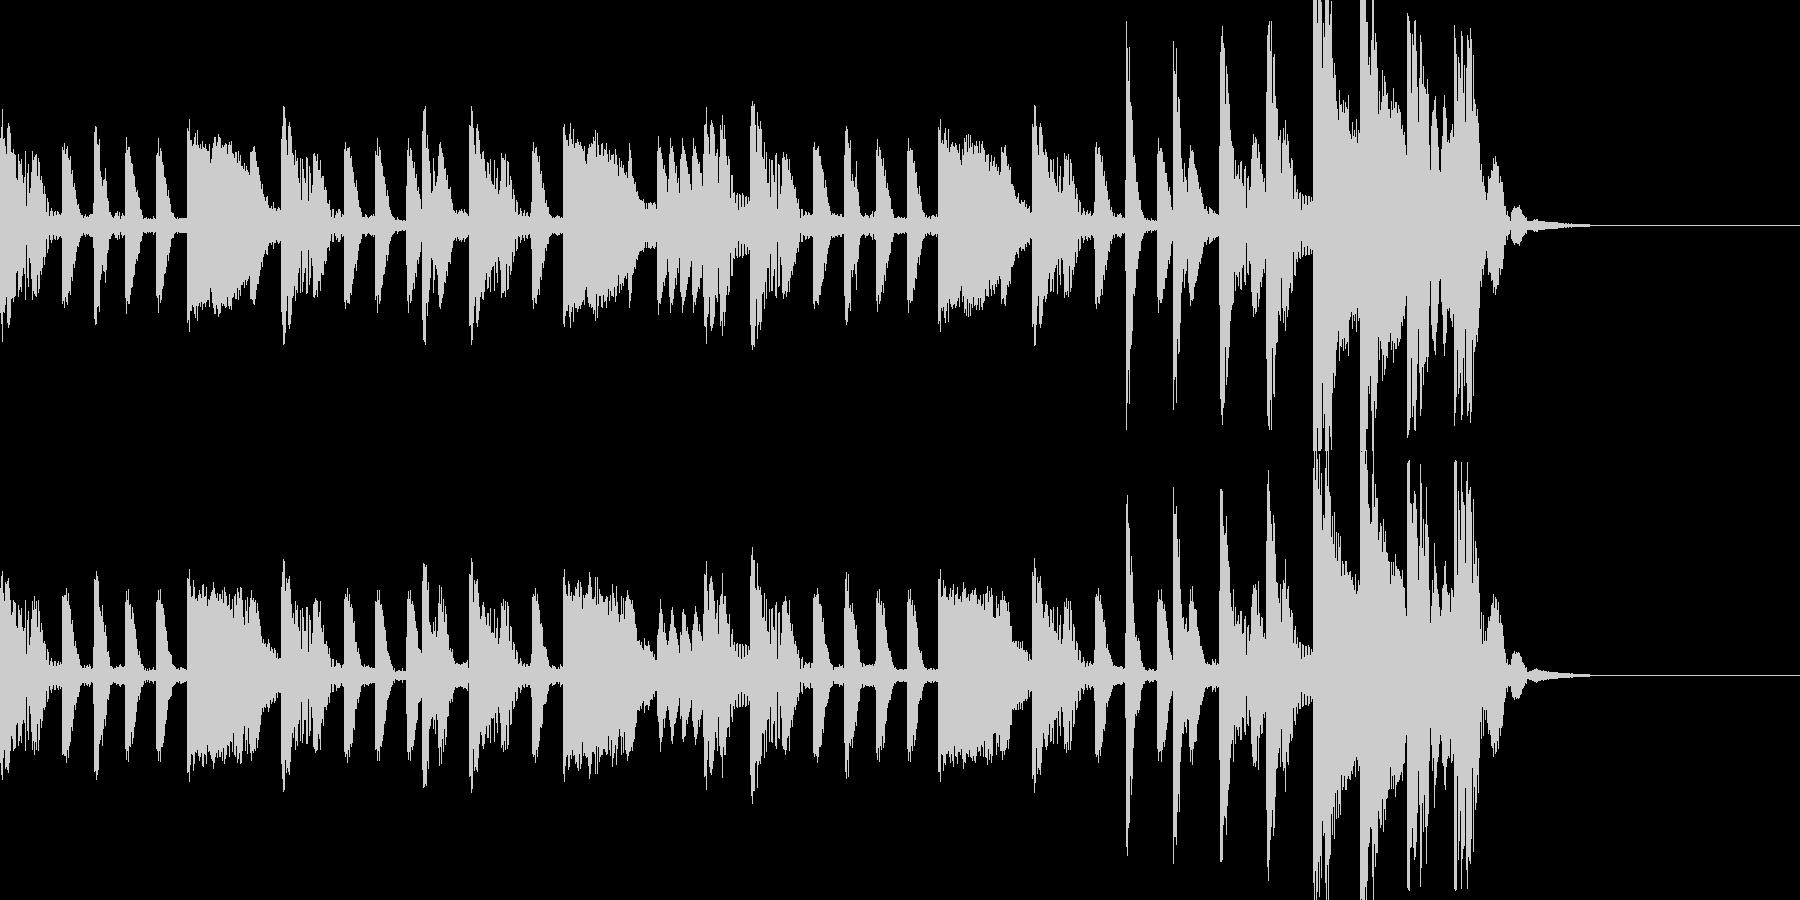 トラップなシンキングタイム音の未再生の波形